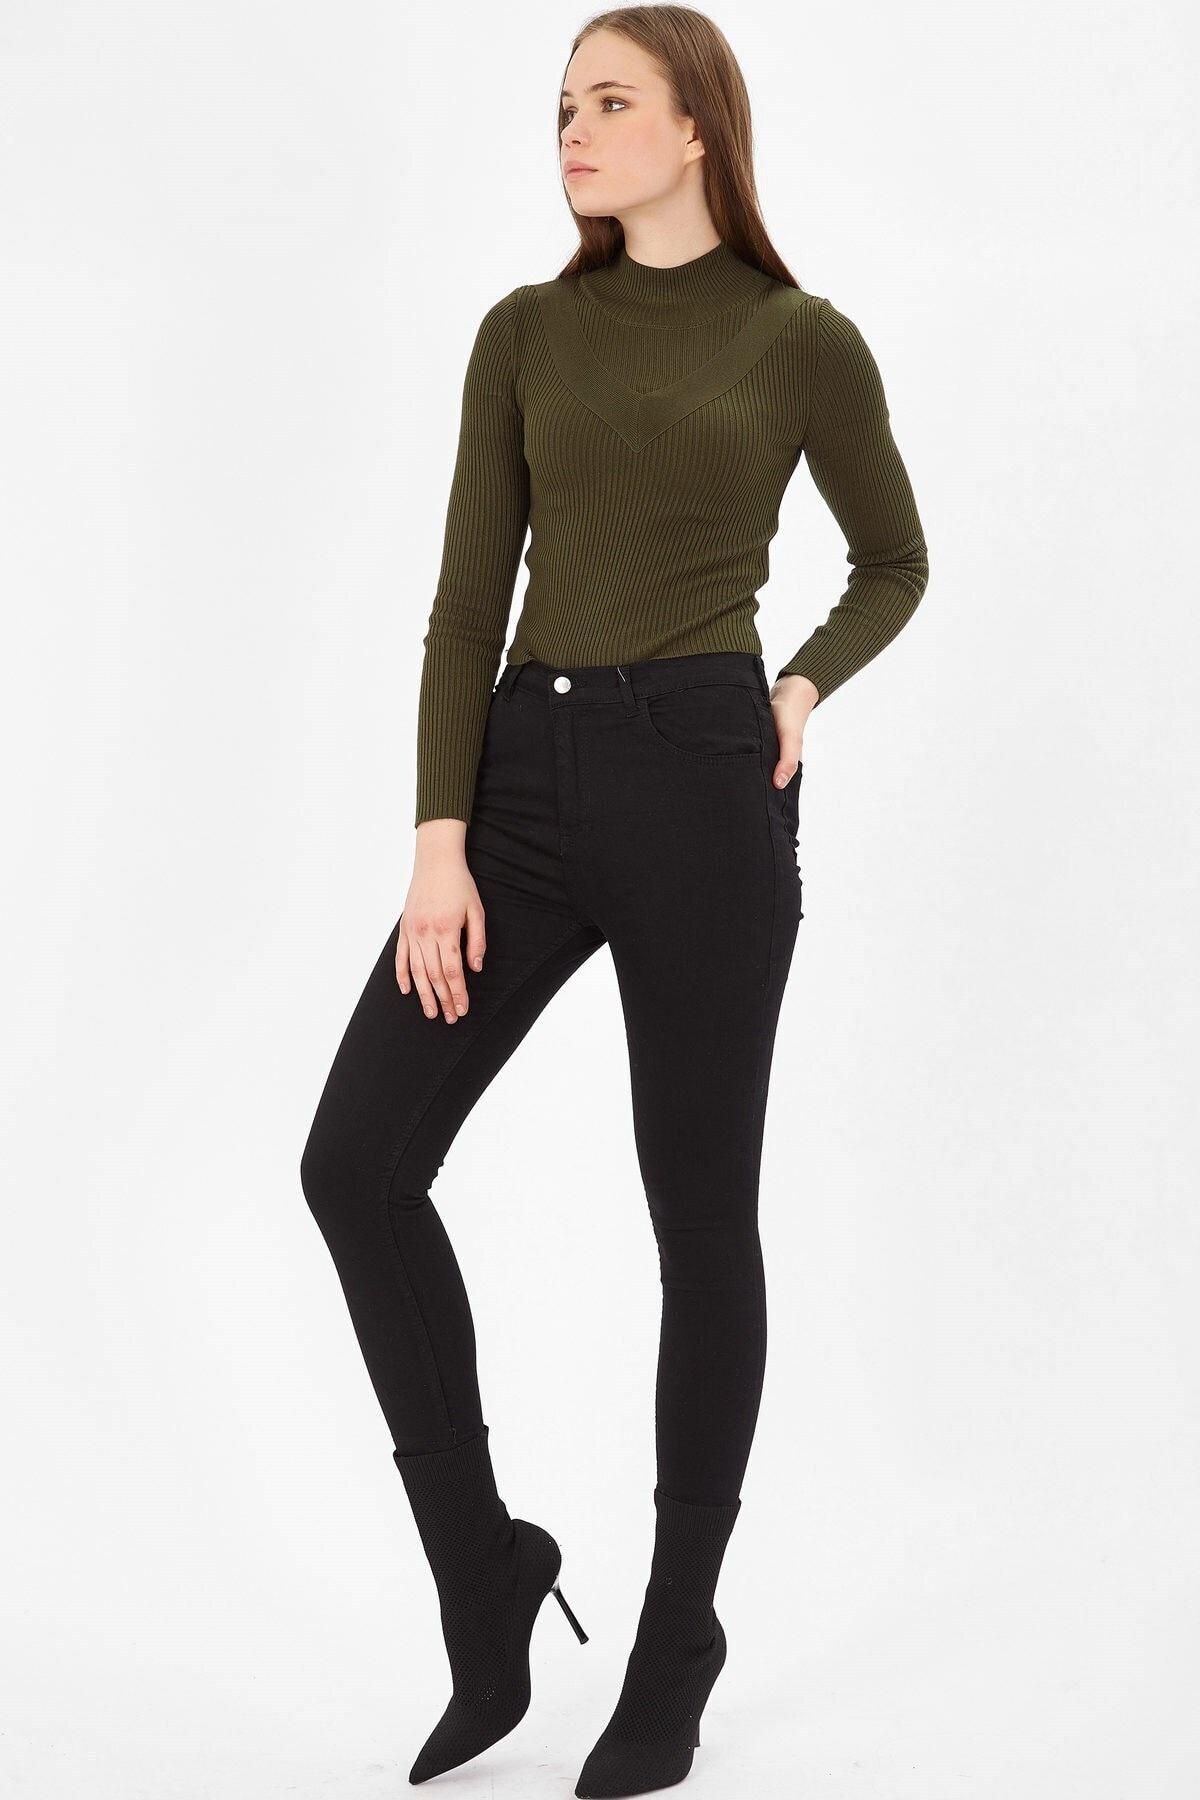 Arma Life Kadın Siyah Yüksek Bel Likralı Kot Pantolon 2